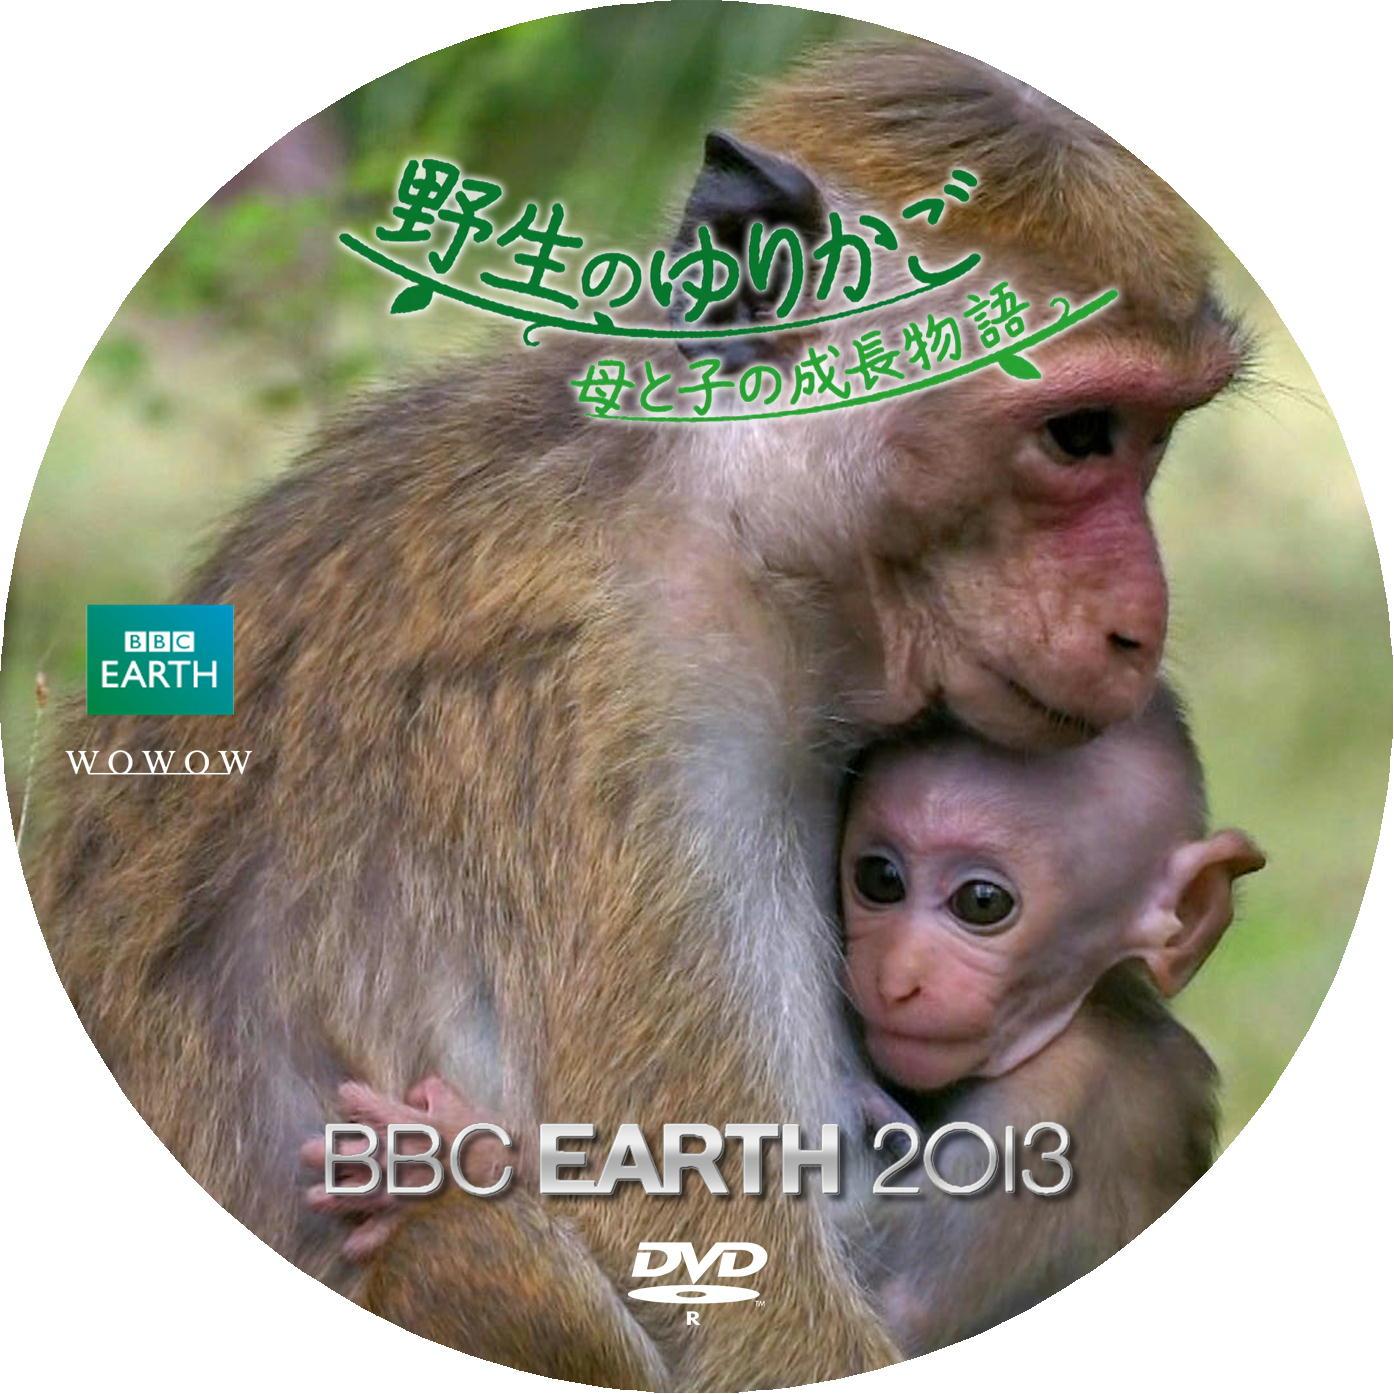 トクモンキー DVDラベル